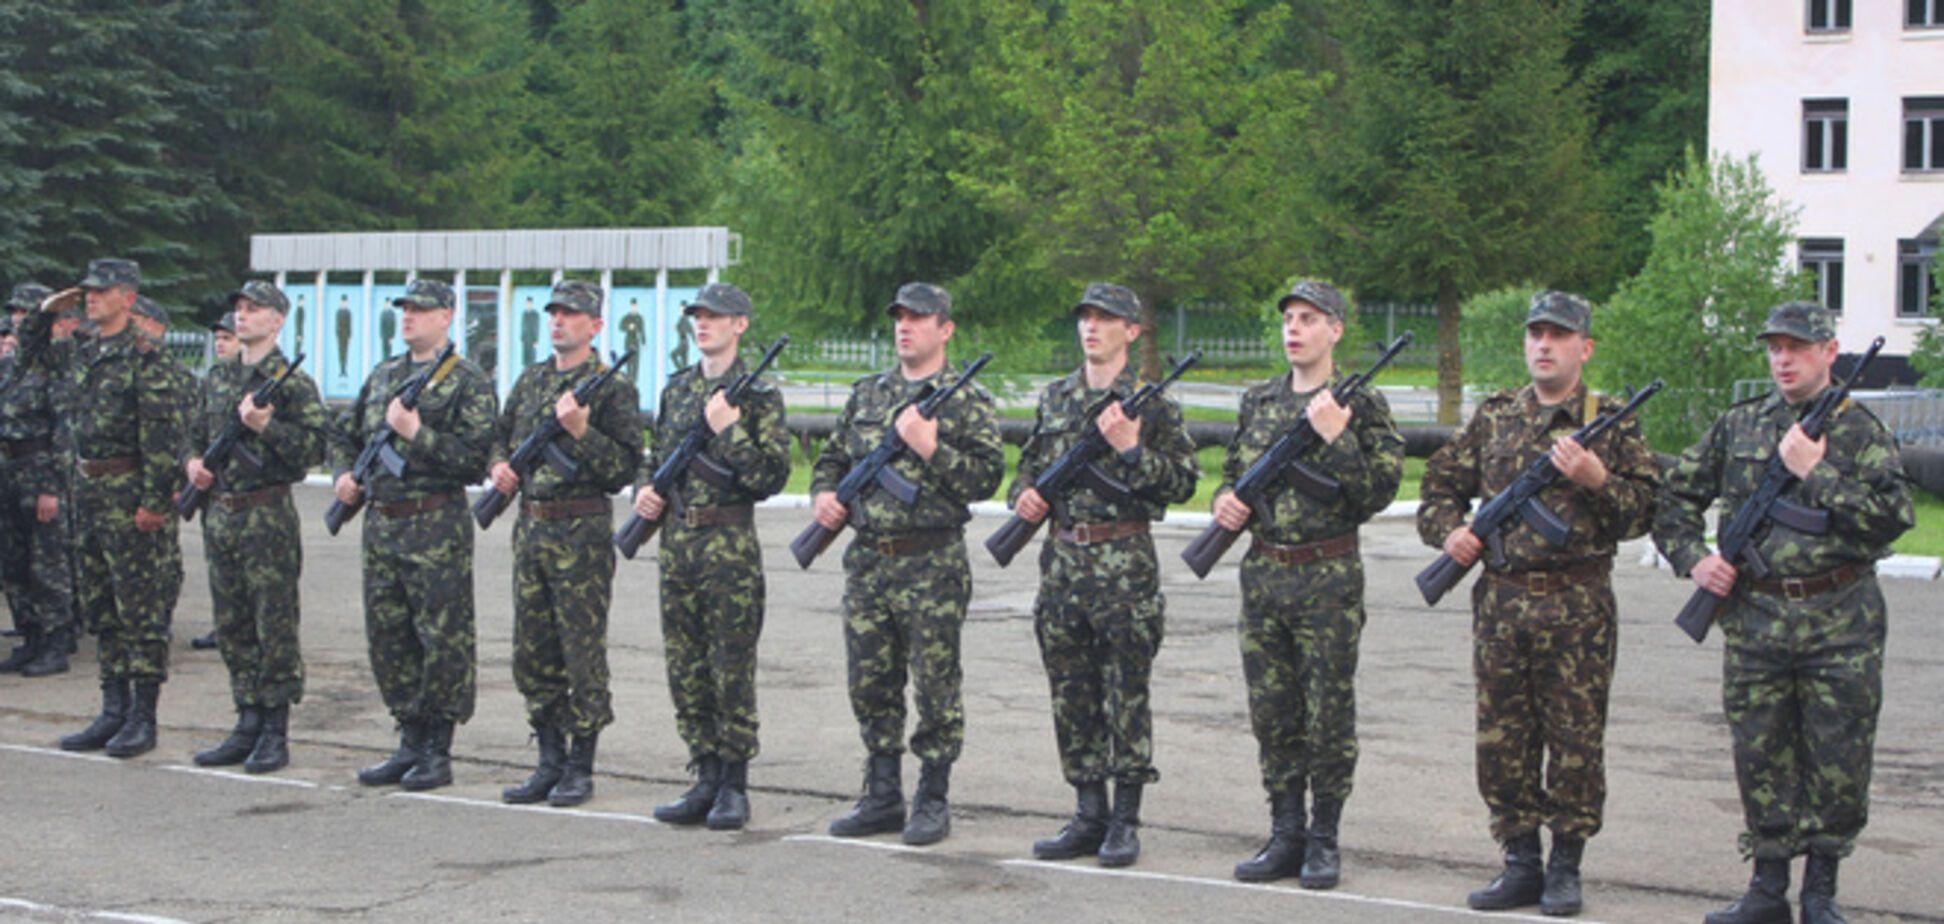 Прикарпатье отказывается отправлять свой батальон на Восток, пока бойцов не обеспечат средствами защиты